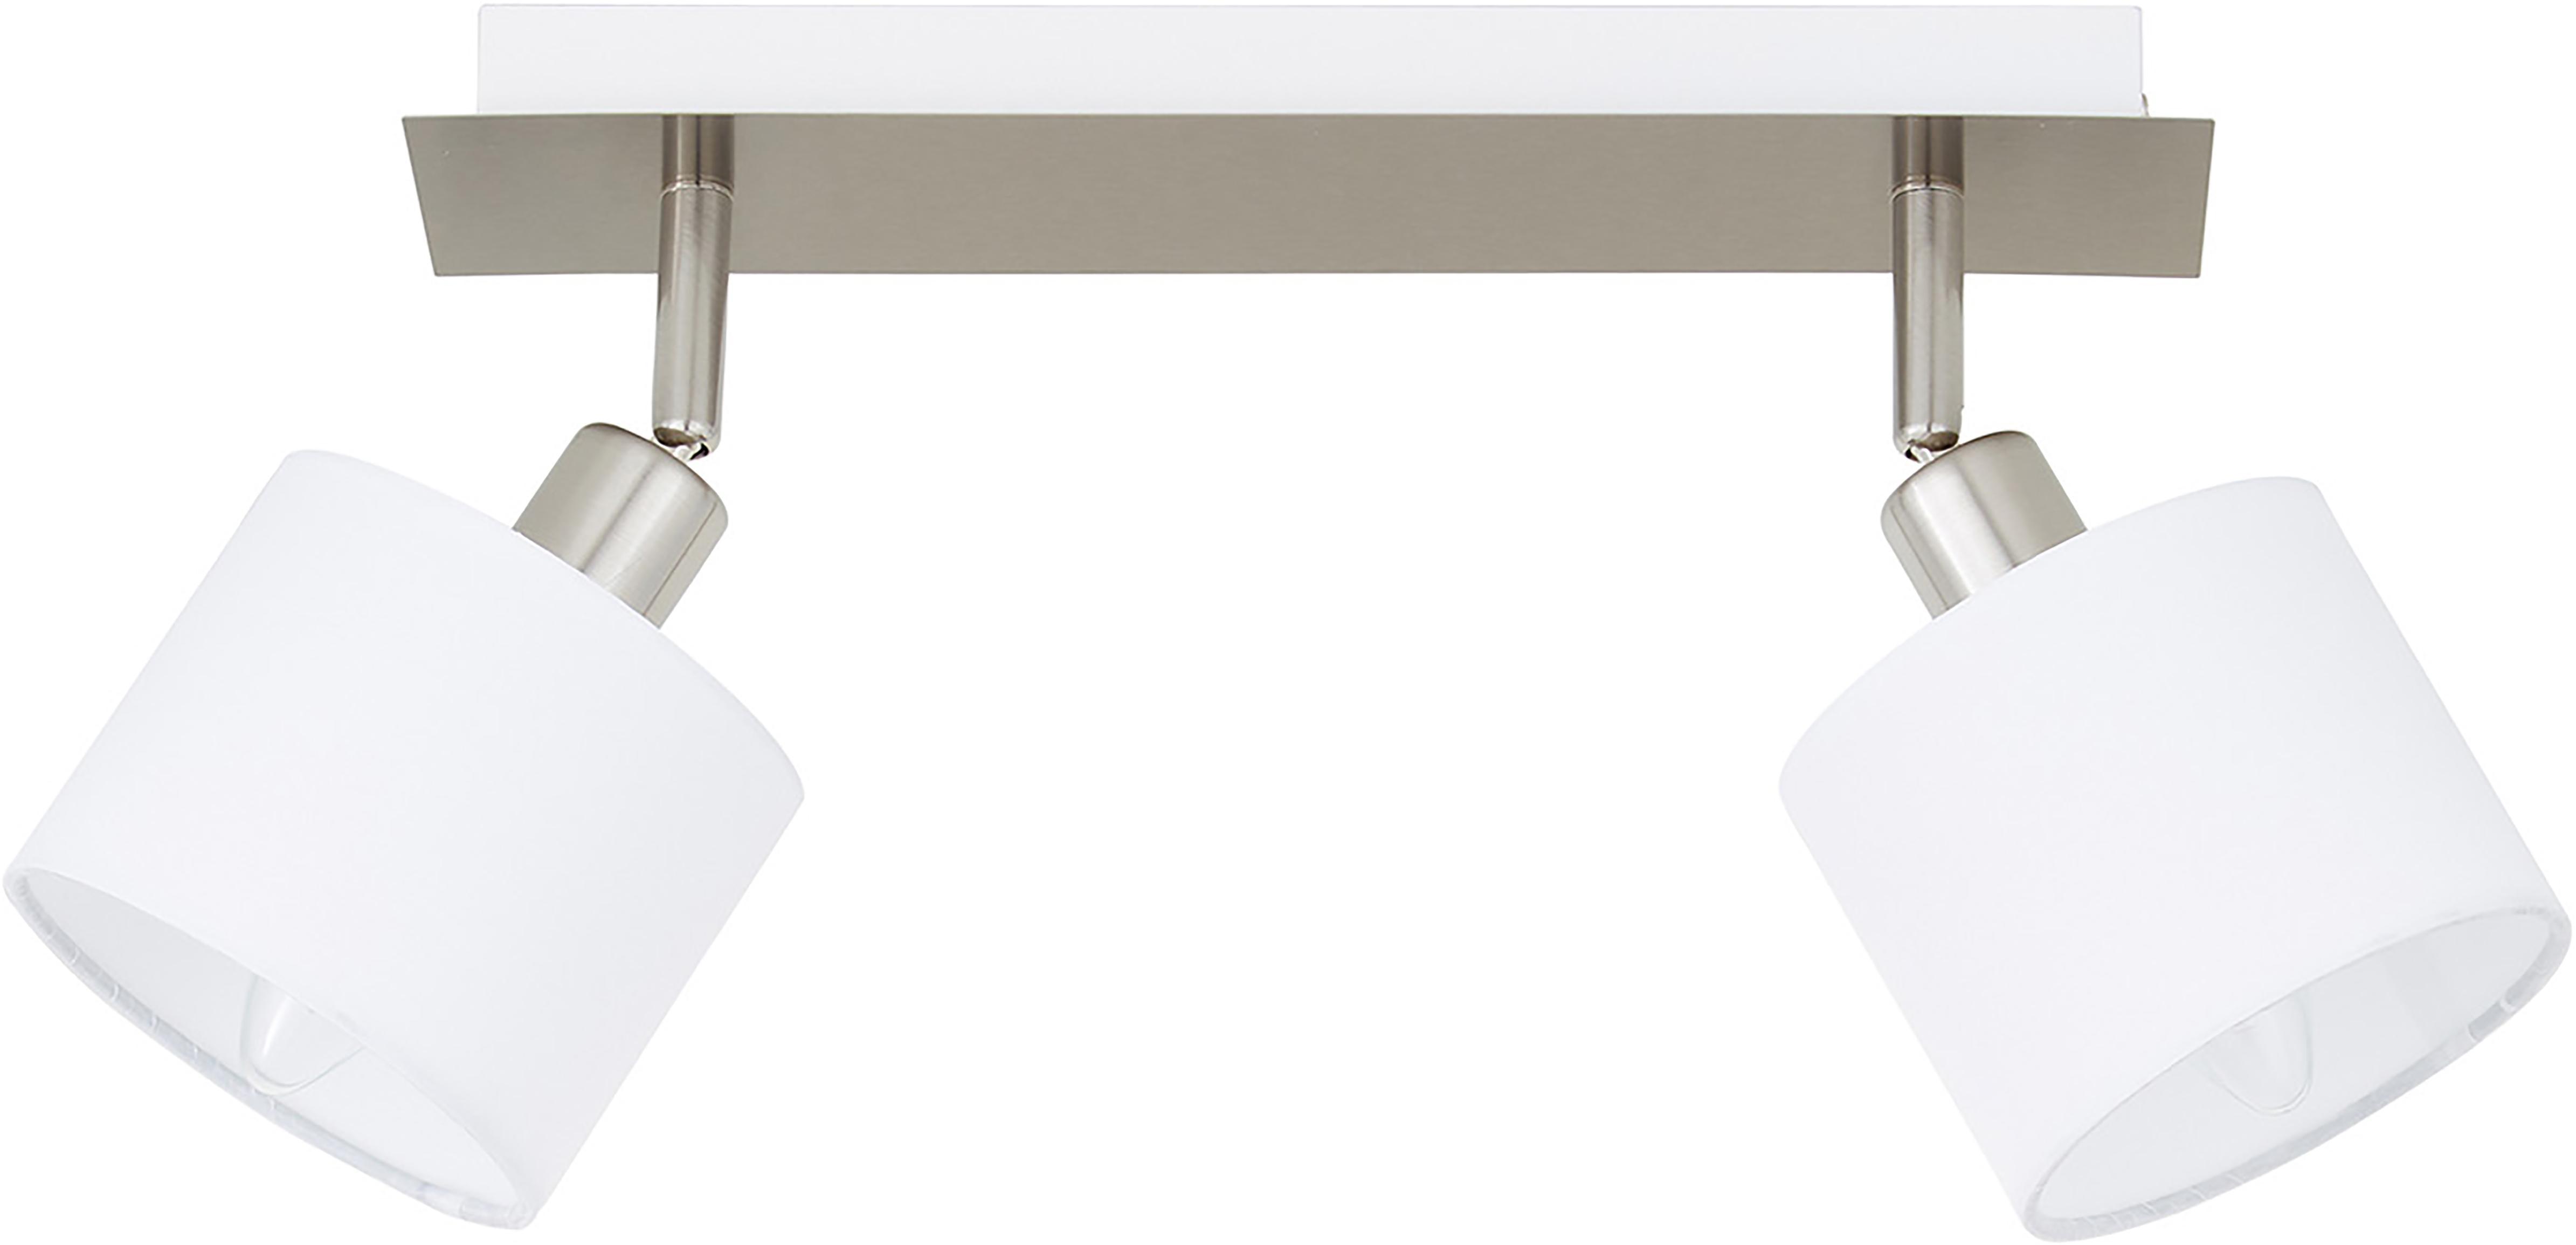 Deckenstrahler Casper, Baldachin: Metall, vernickelt, Silberfarben,Weiß, 32 x 7 cm